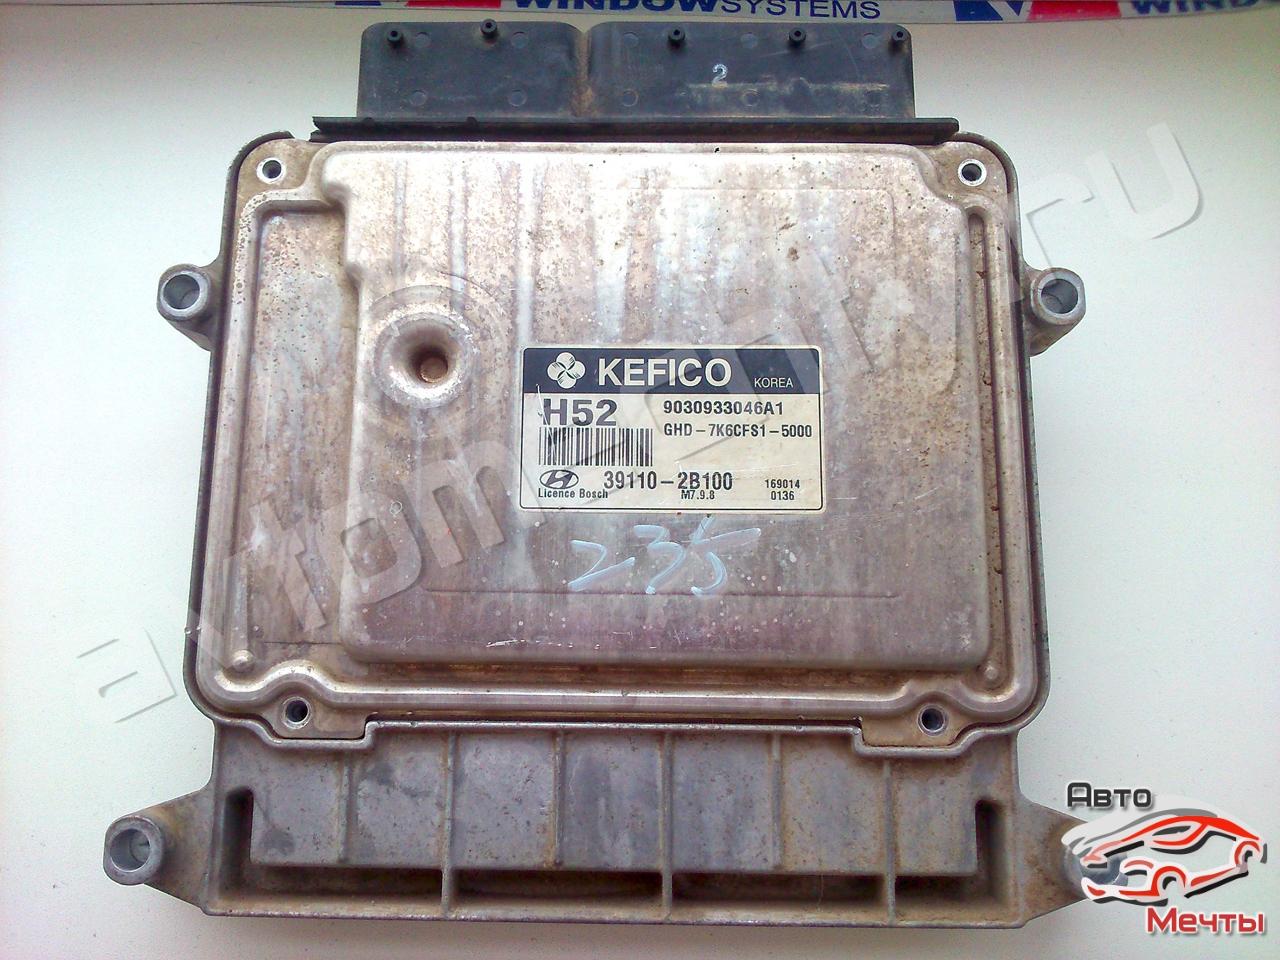 Электронный блок управления двигателем Bosch M7.9.8 авто Hyundai Elantra 1.6L (каталожный номер 39110-2B100)